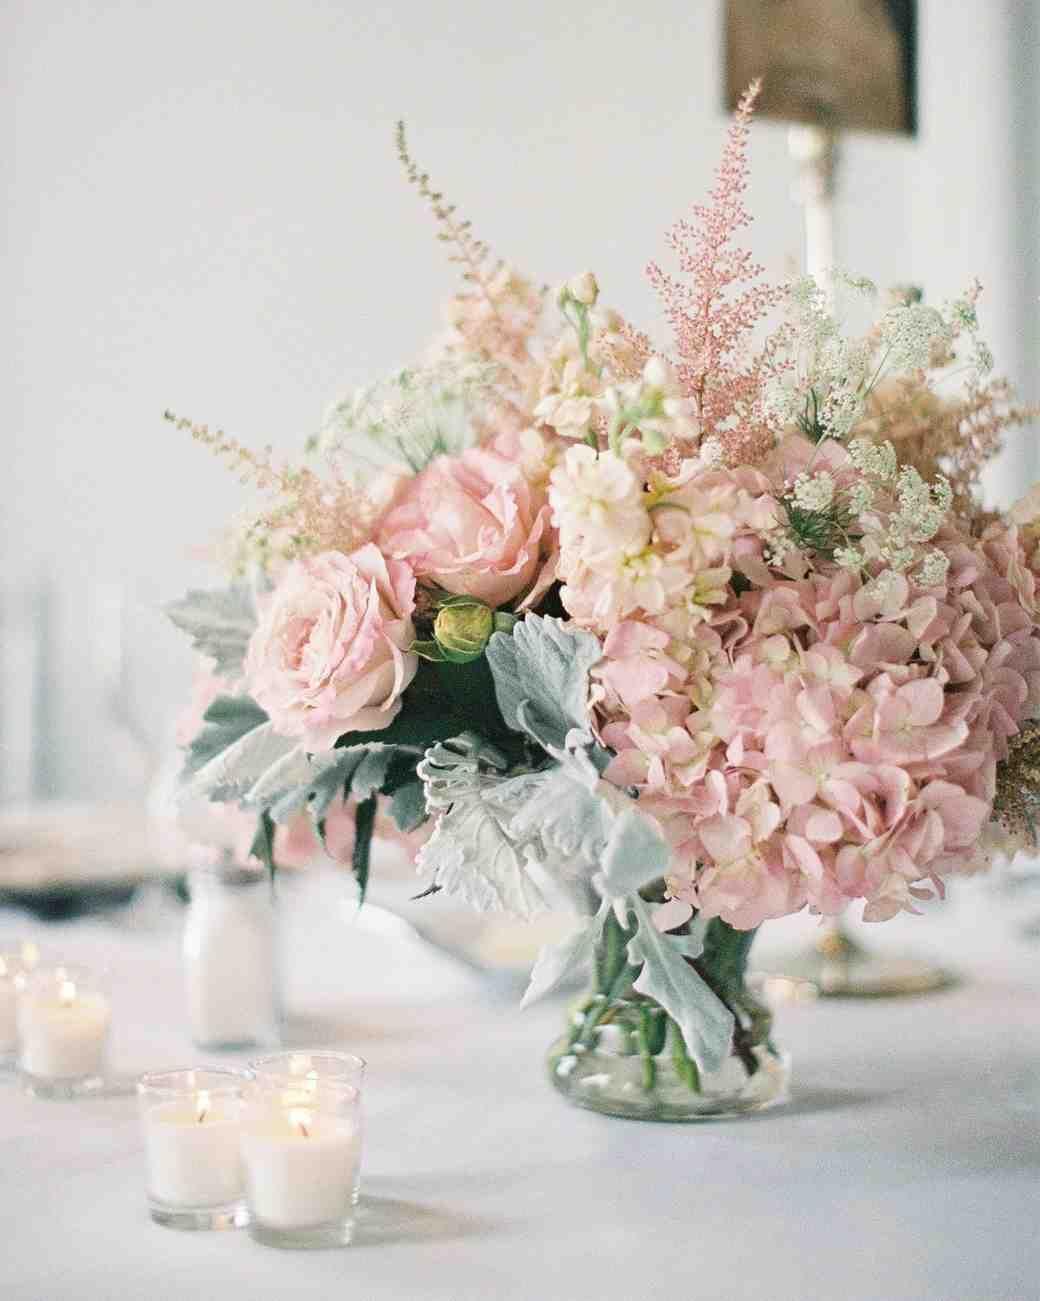 38 Pink Wedding Centerpieces We Love Pink Wedding Centerpieces Wedding Flower Arrangements Wedding Centerpieces